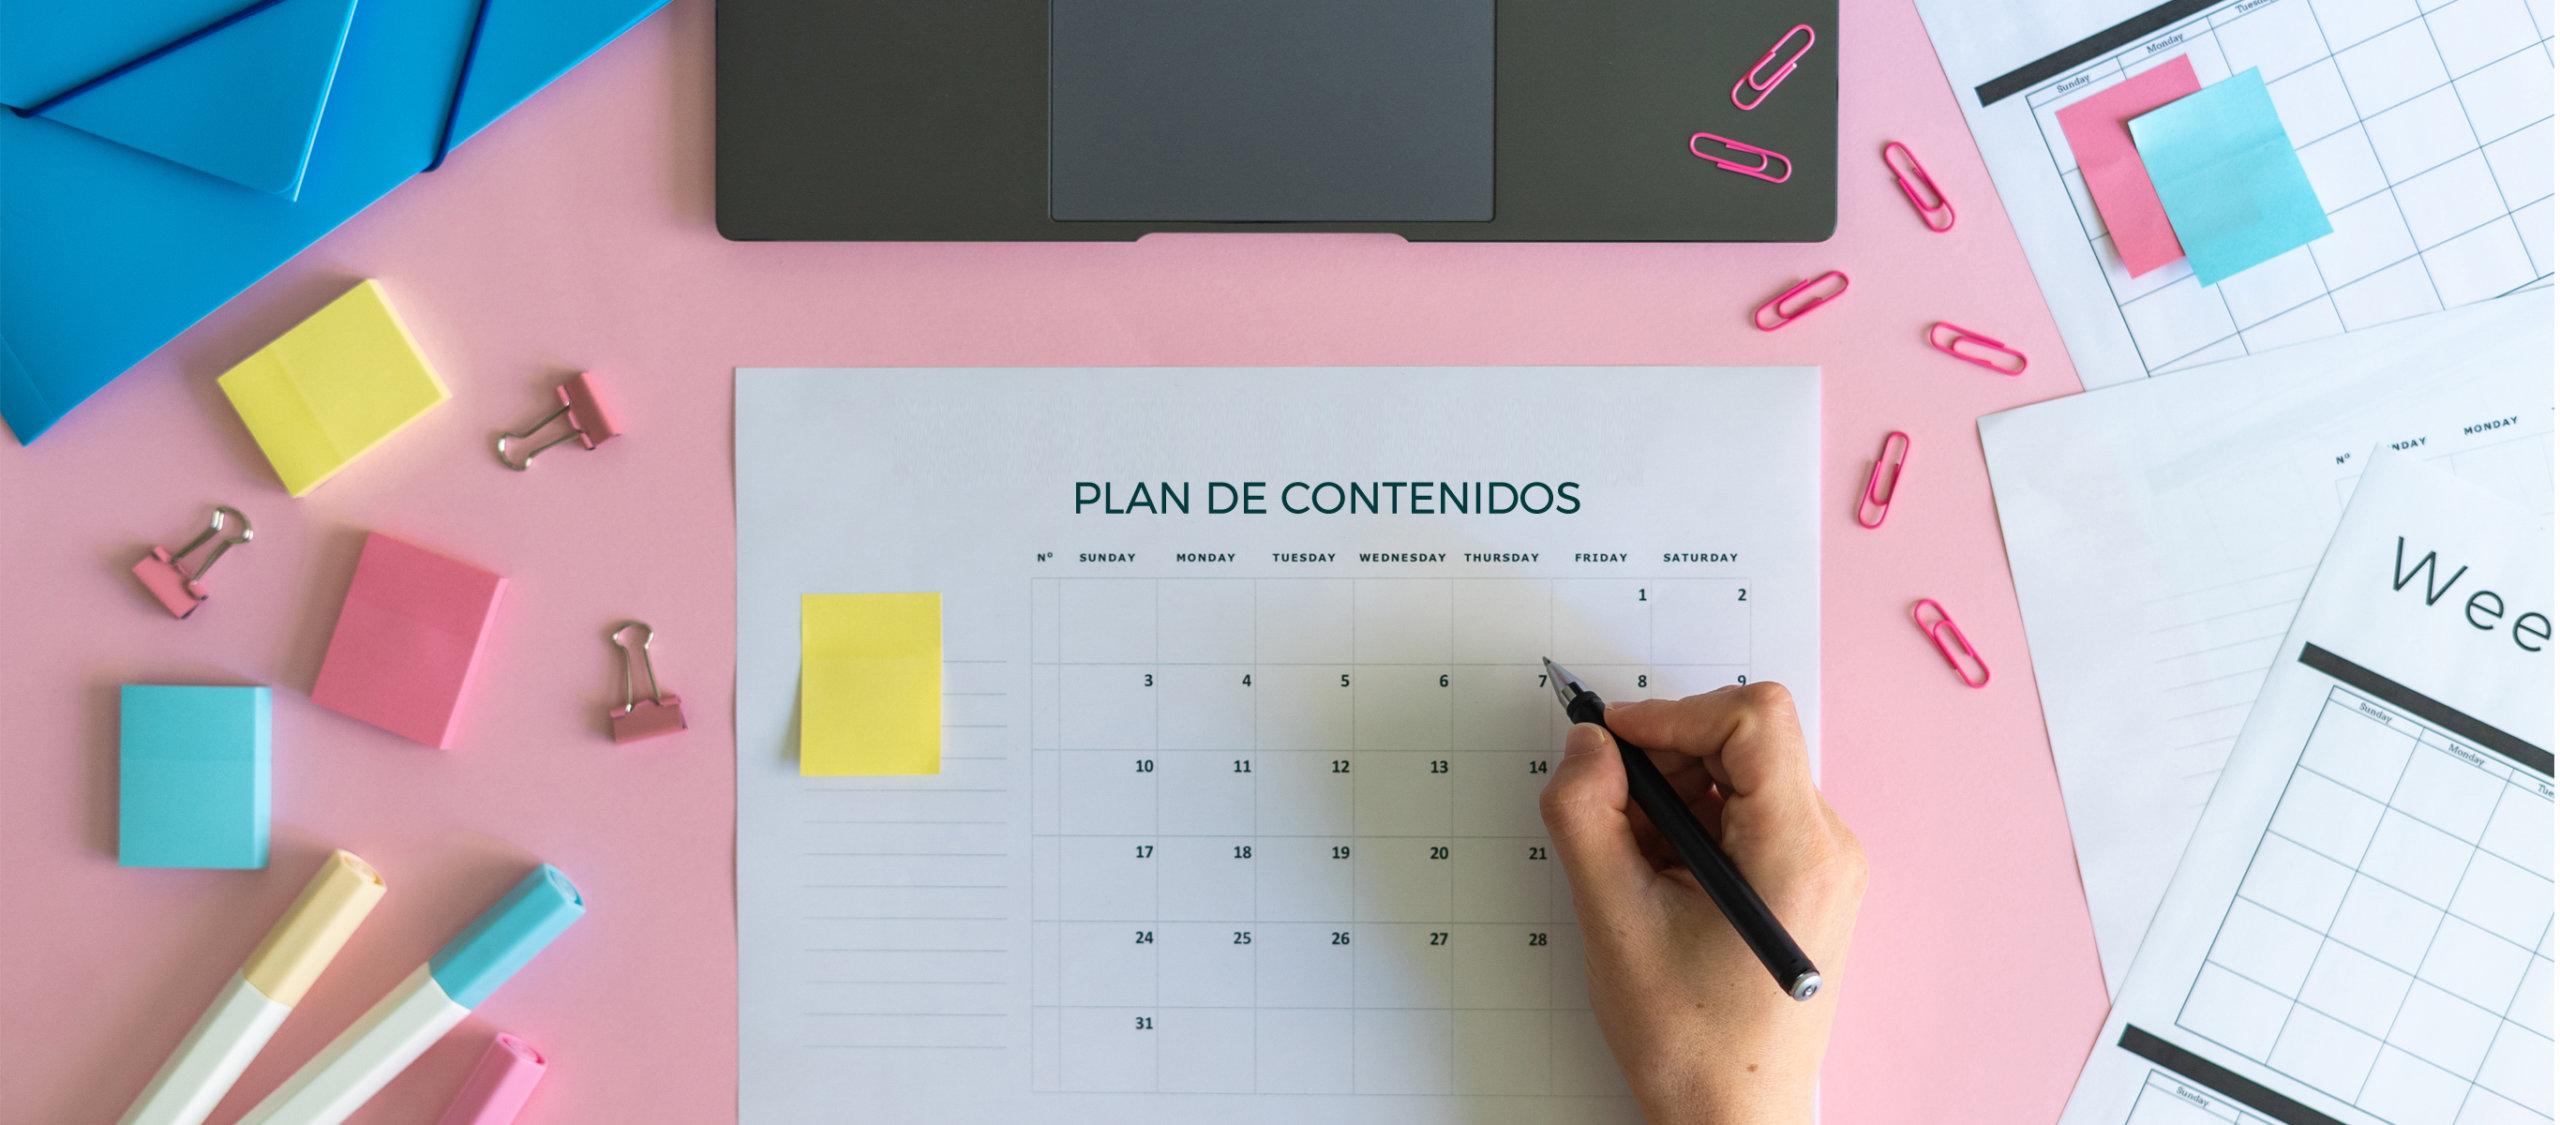 Plan de contenidos - Uup